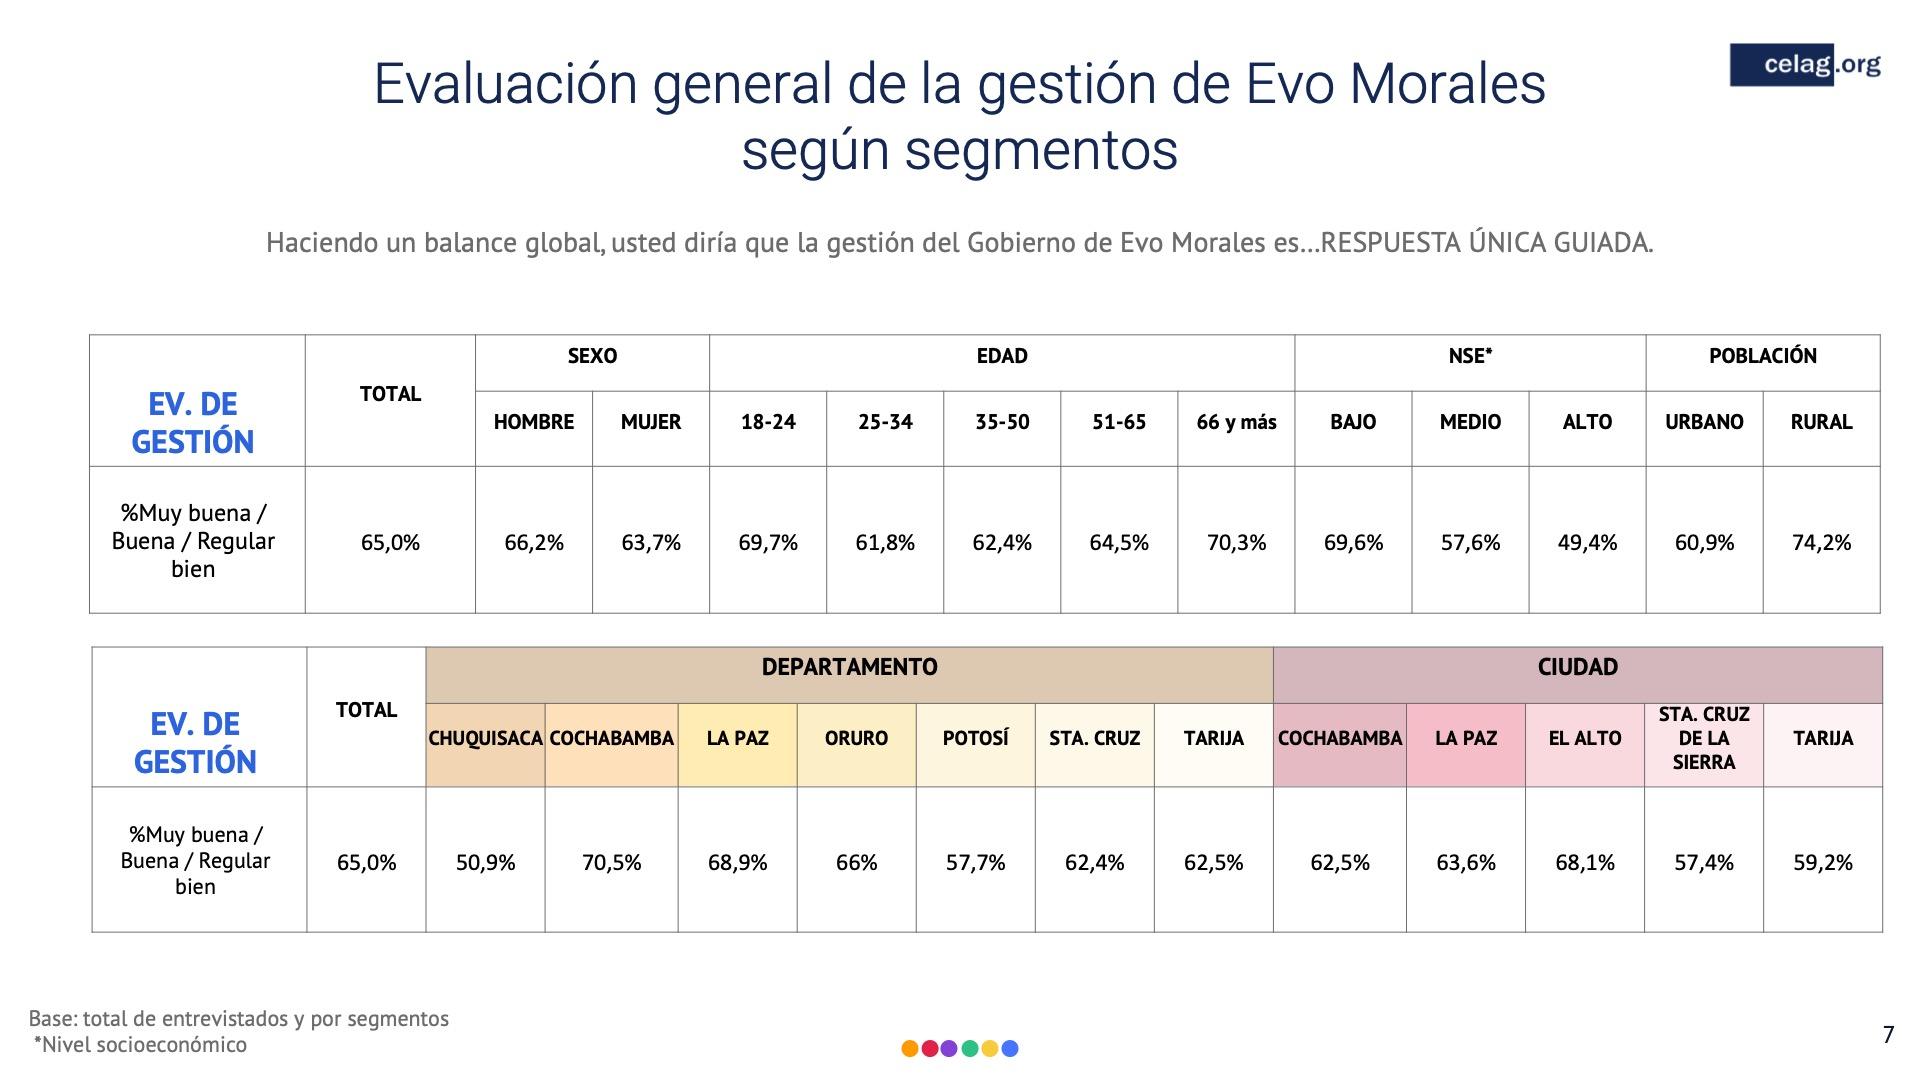 07 Elecciones bolivia evaluacion de gestion evo morales